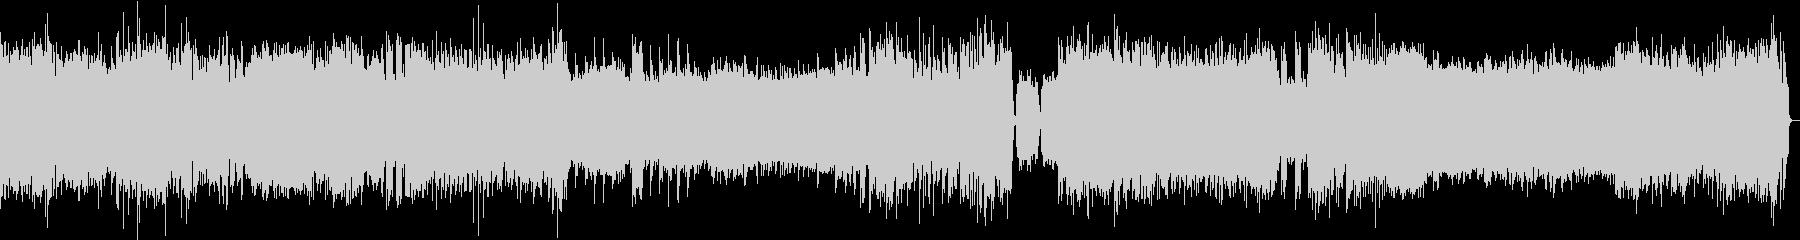 バロッククラシックEDMアレンジの未再生の波形